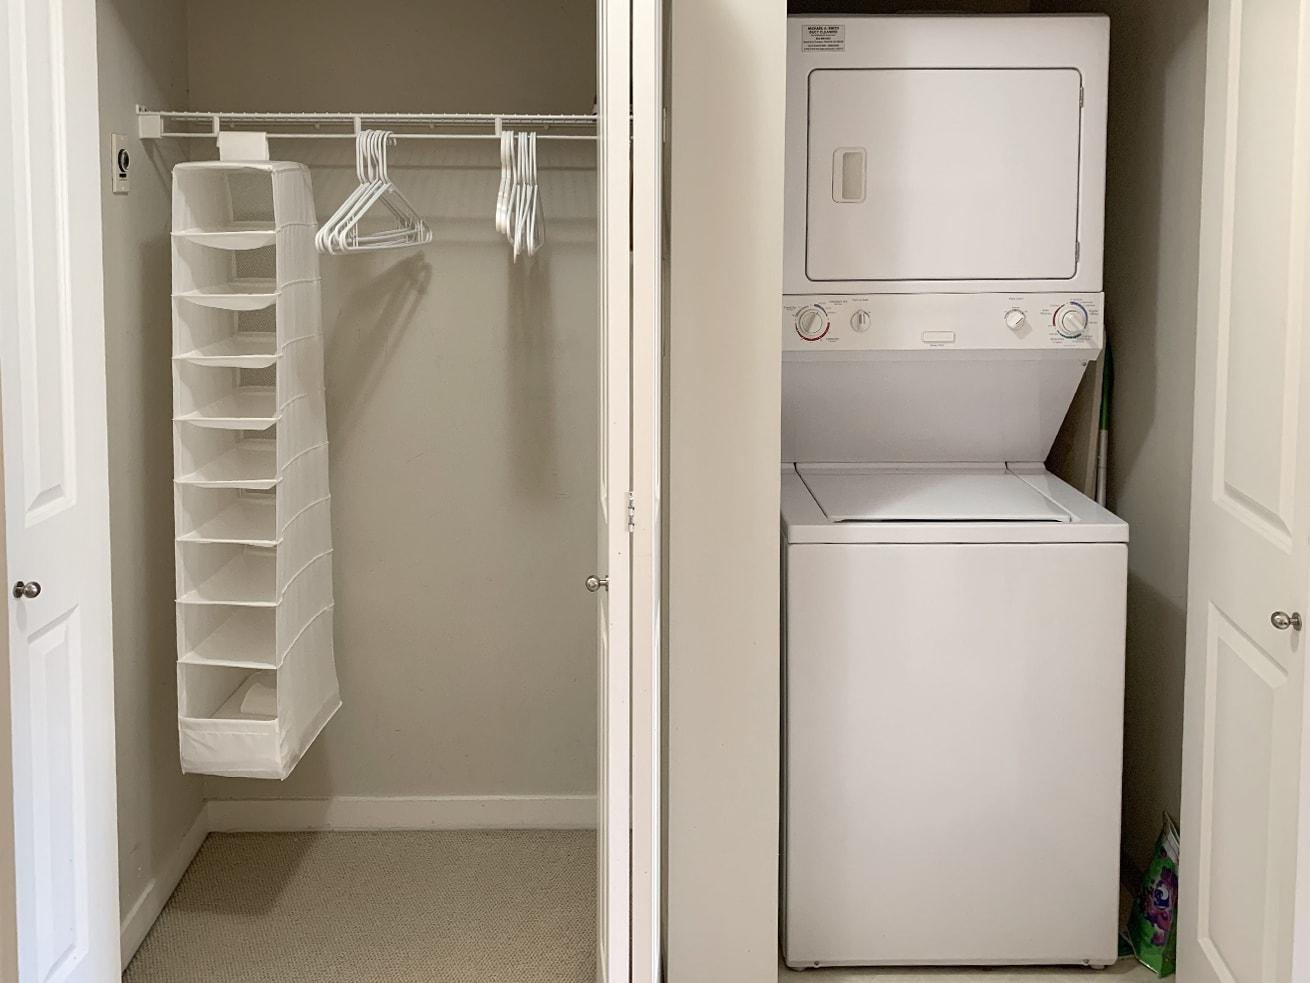 Vancouver condo rentals oscar studio closet washer dryer